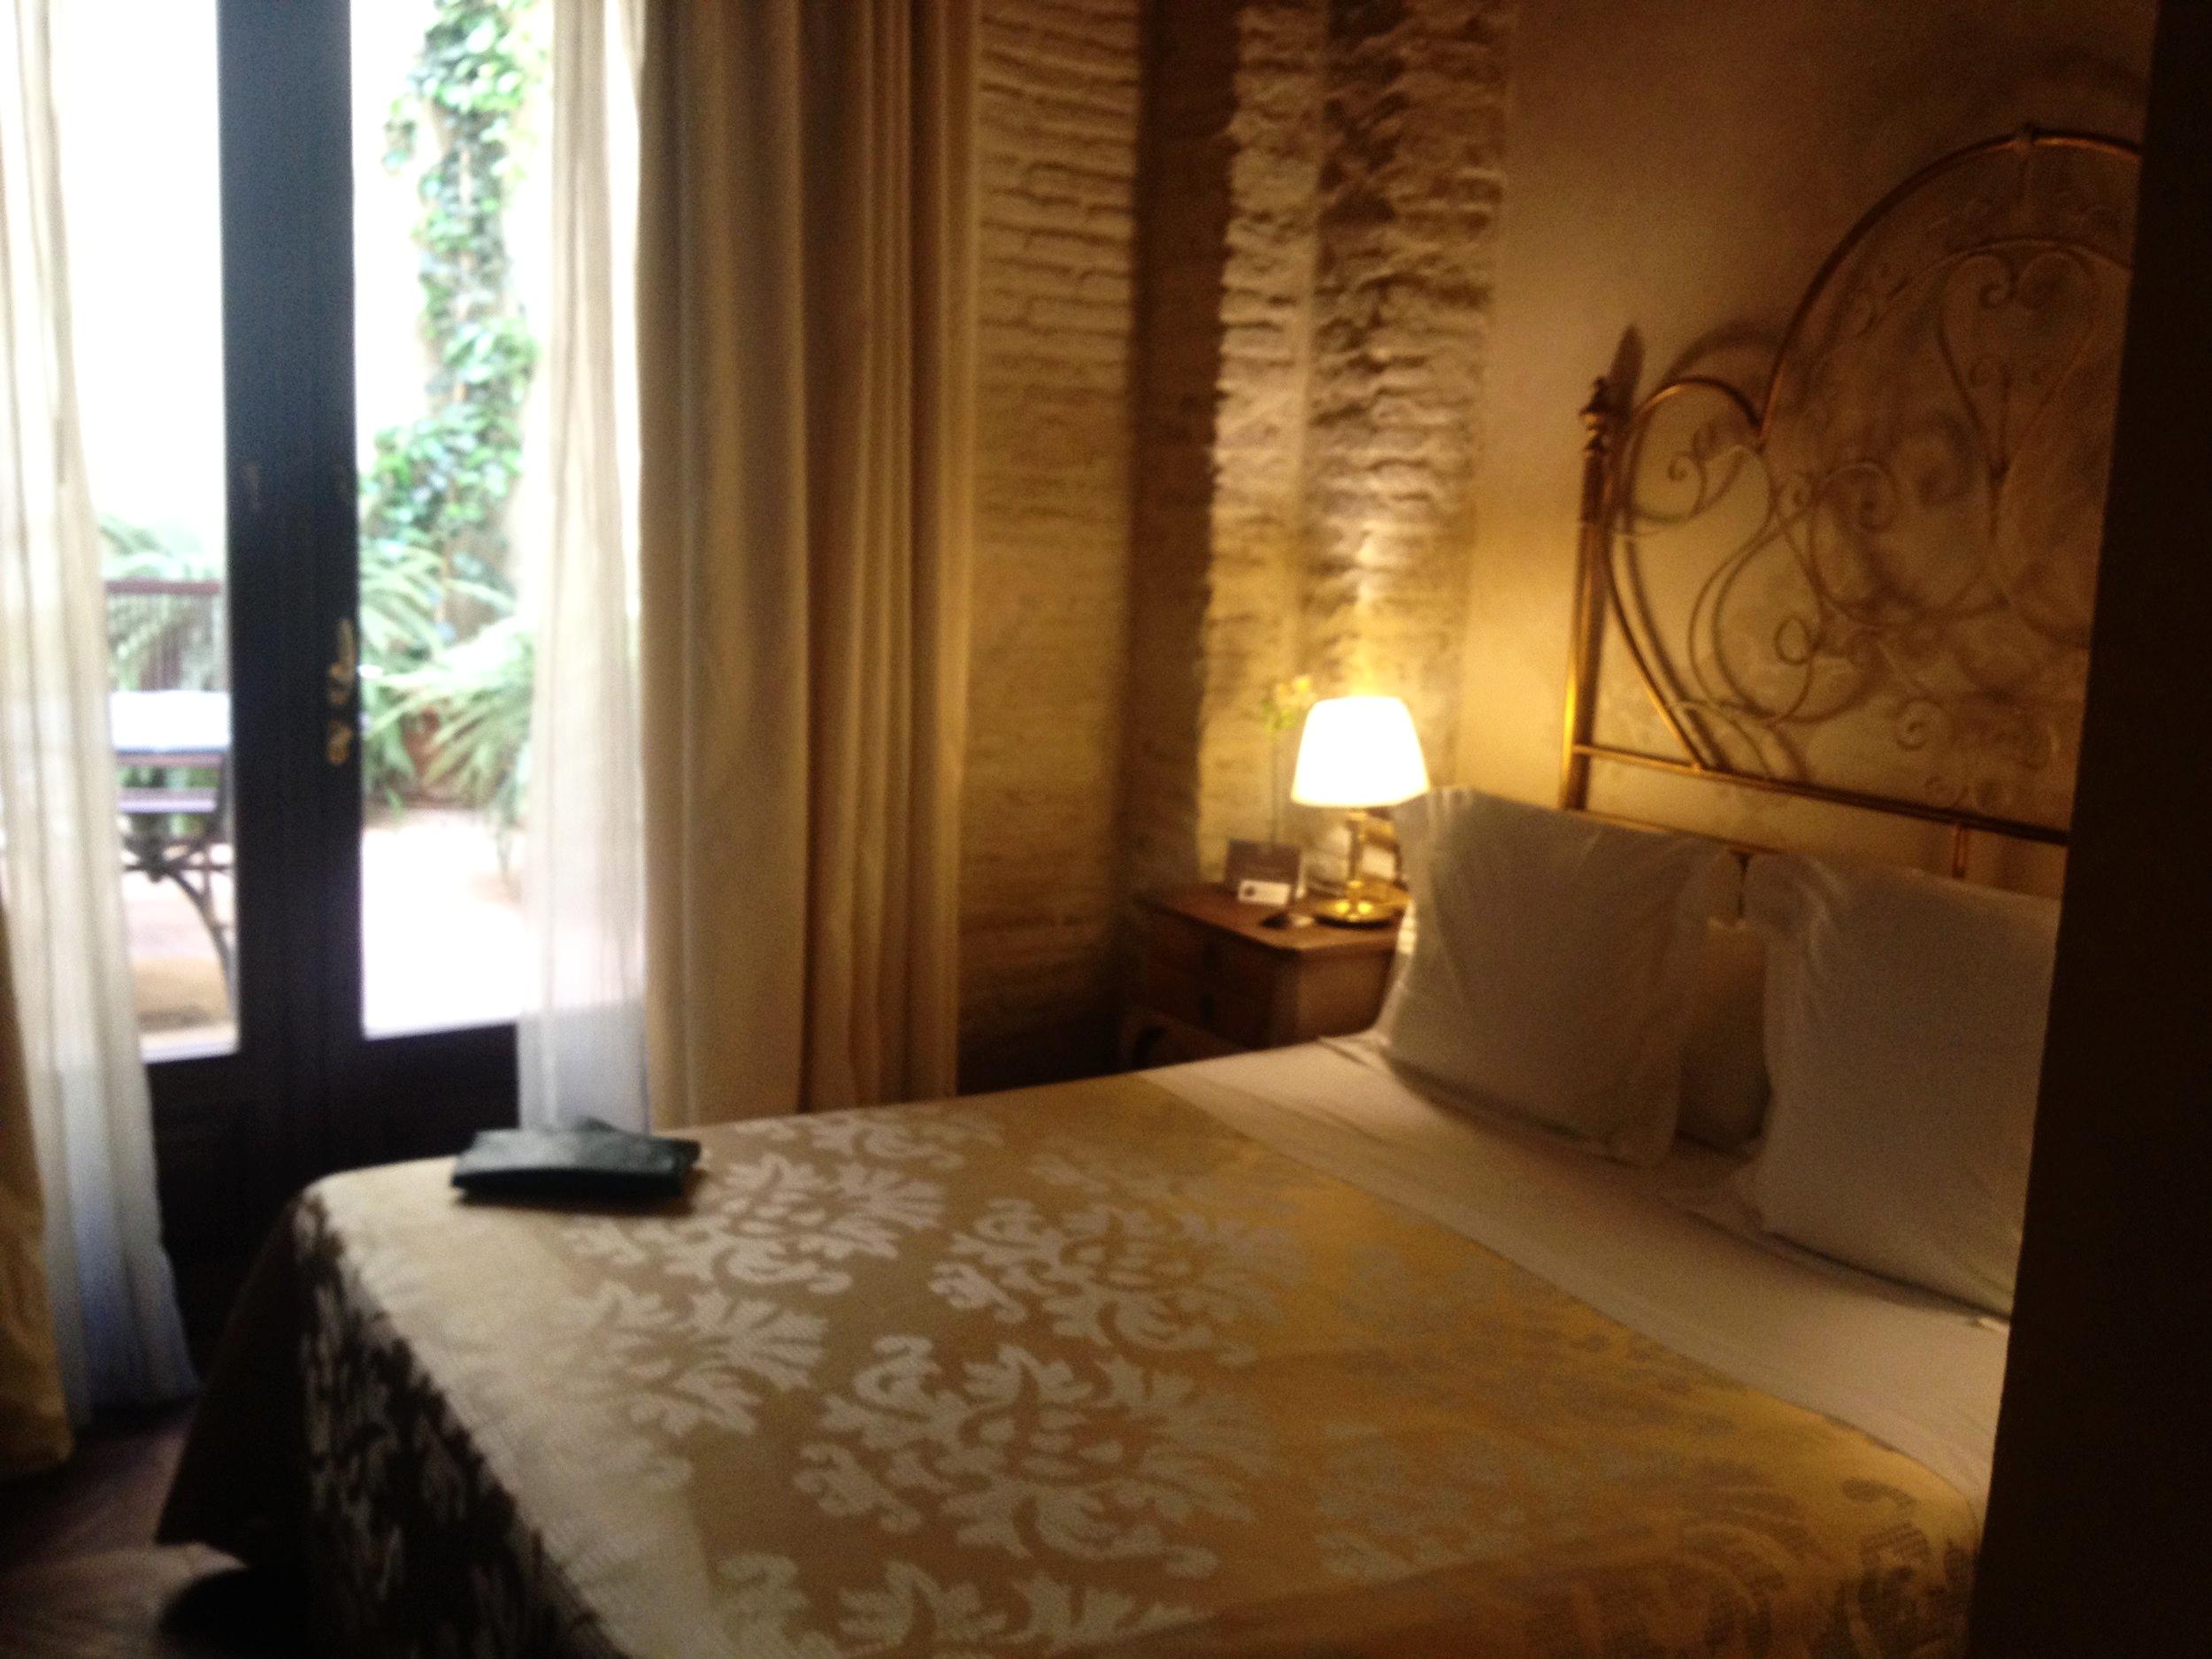 Onze kamer met priveterras in casa 1800